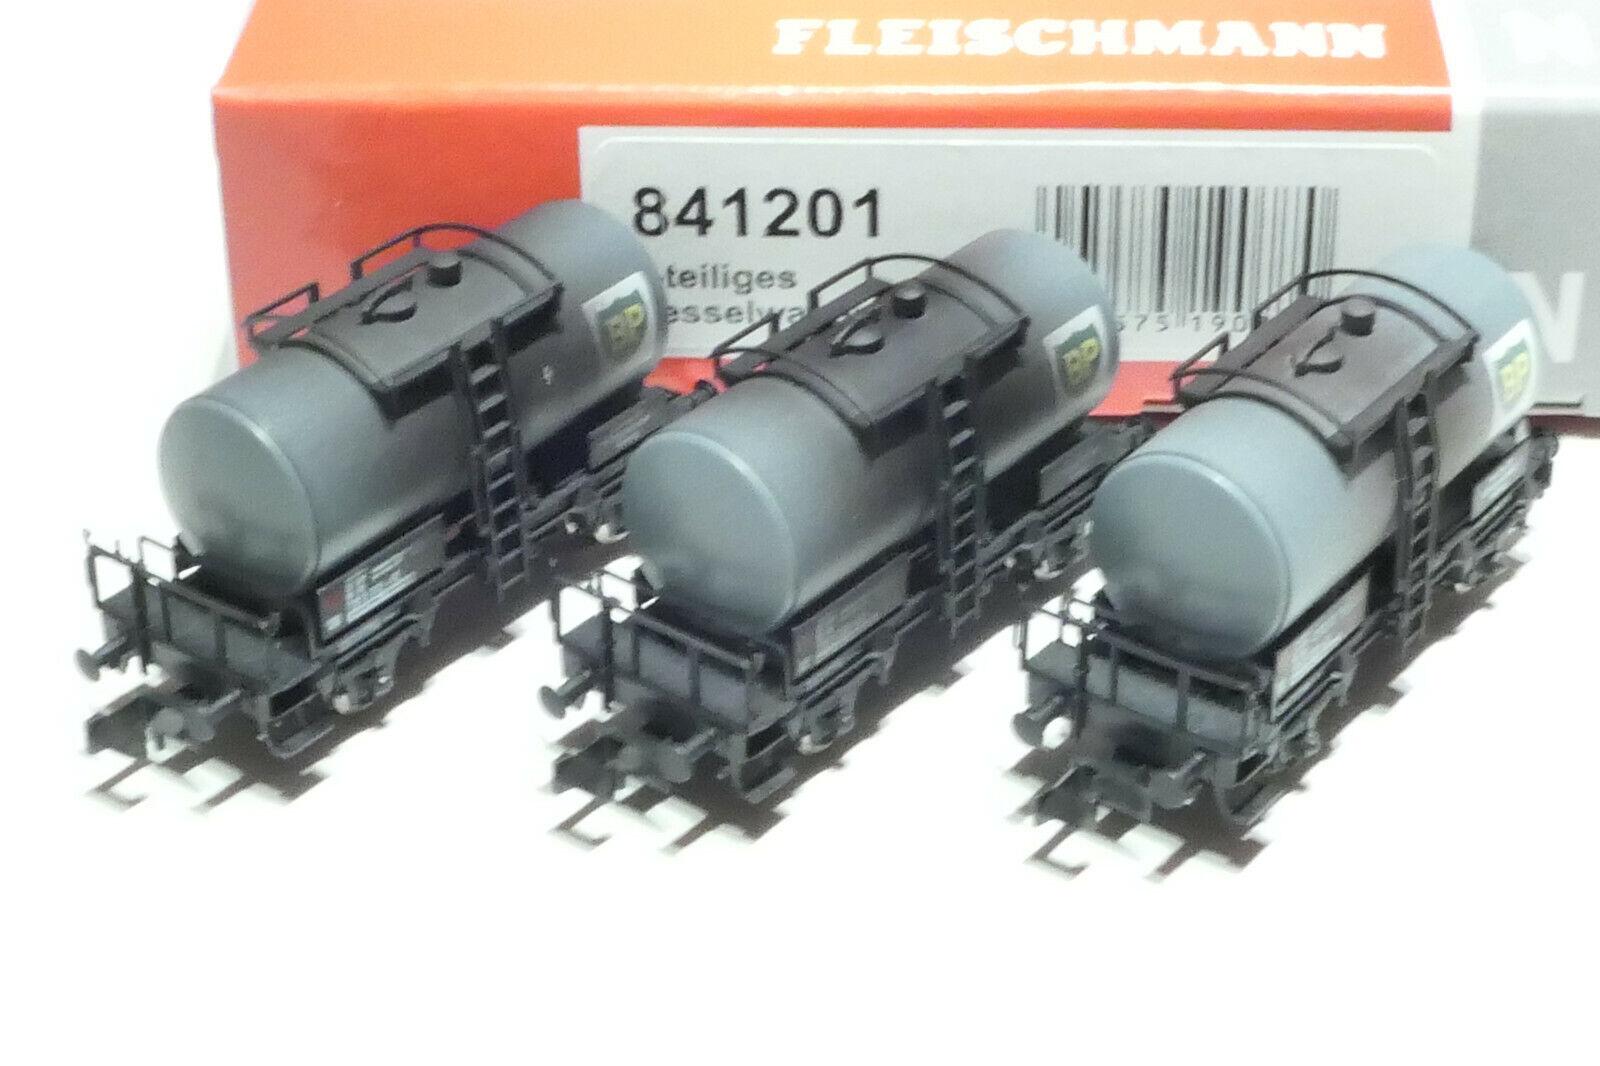 Fleischmann n DB 3 parte. set 2 alineación. vagones gris envejecido 841201 nuevo embalaje original